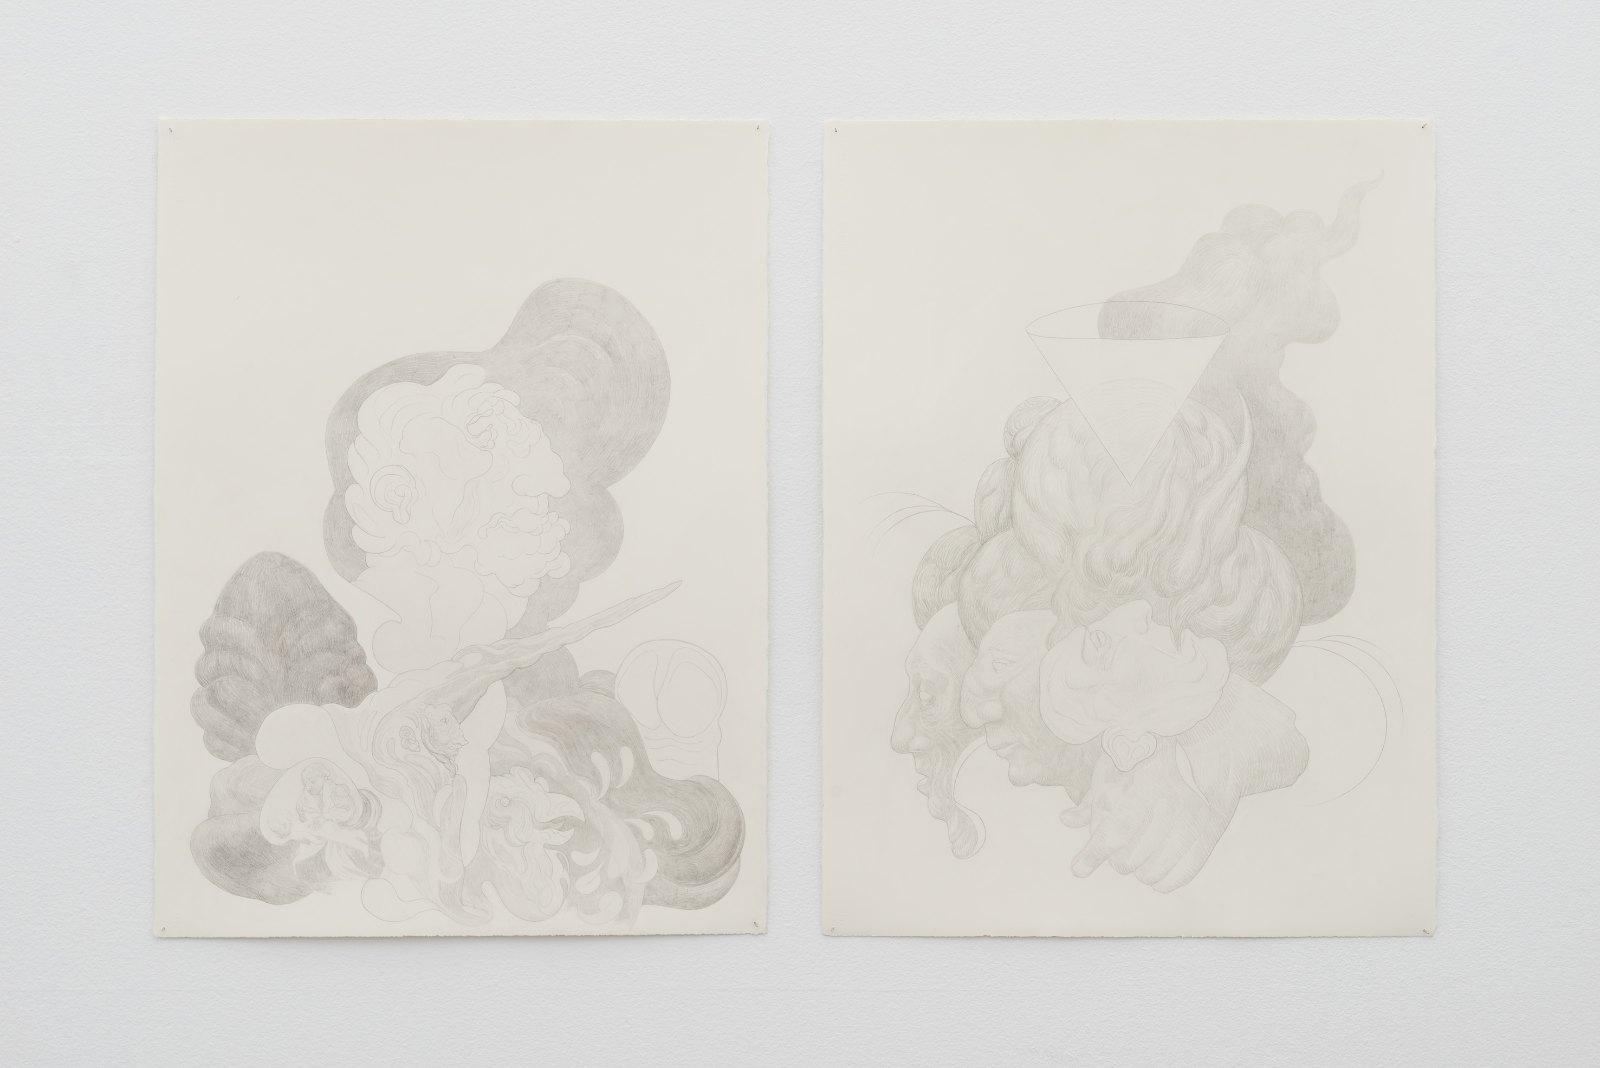 Andreas Kalliaridis, Untitled, 2015, pencil on paper, 56 x 76 cm. Untitled, 2015, pencil on paper, 56 x 76 cm